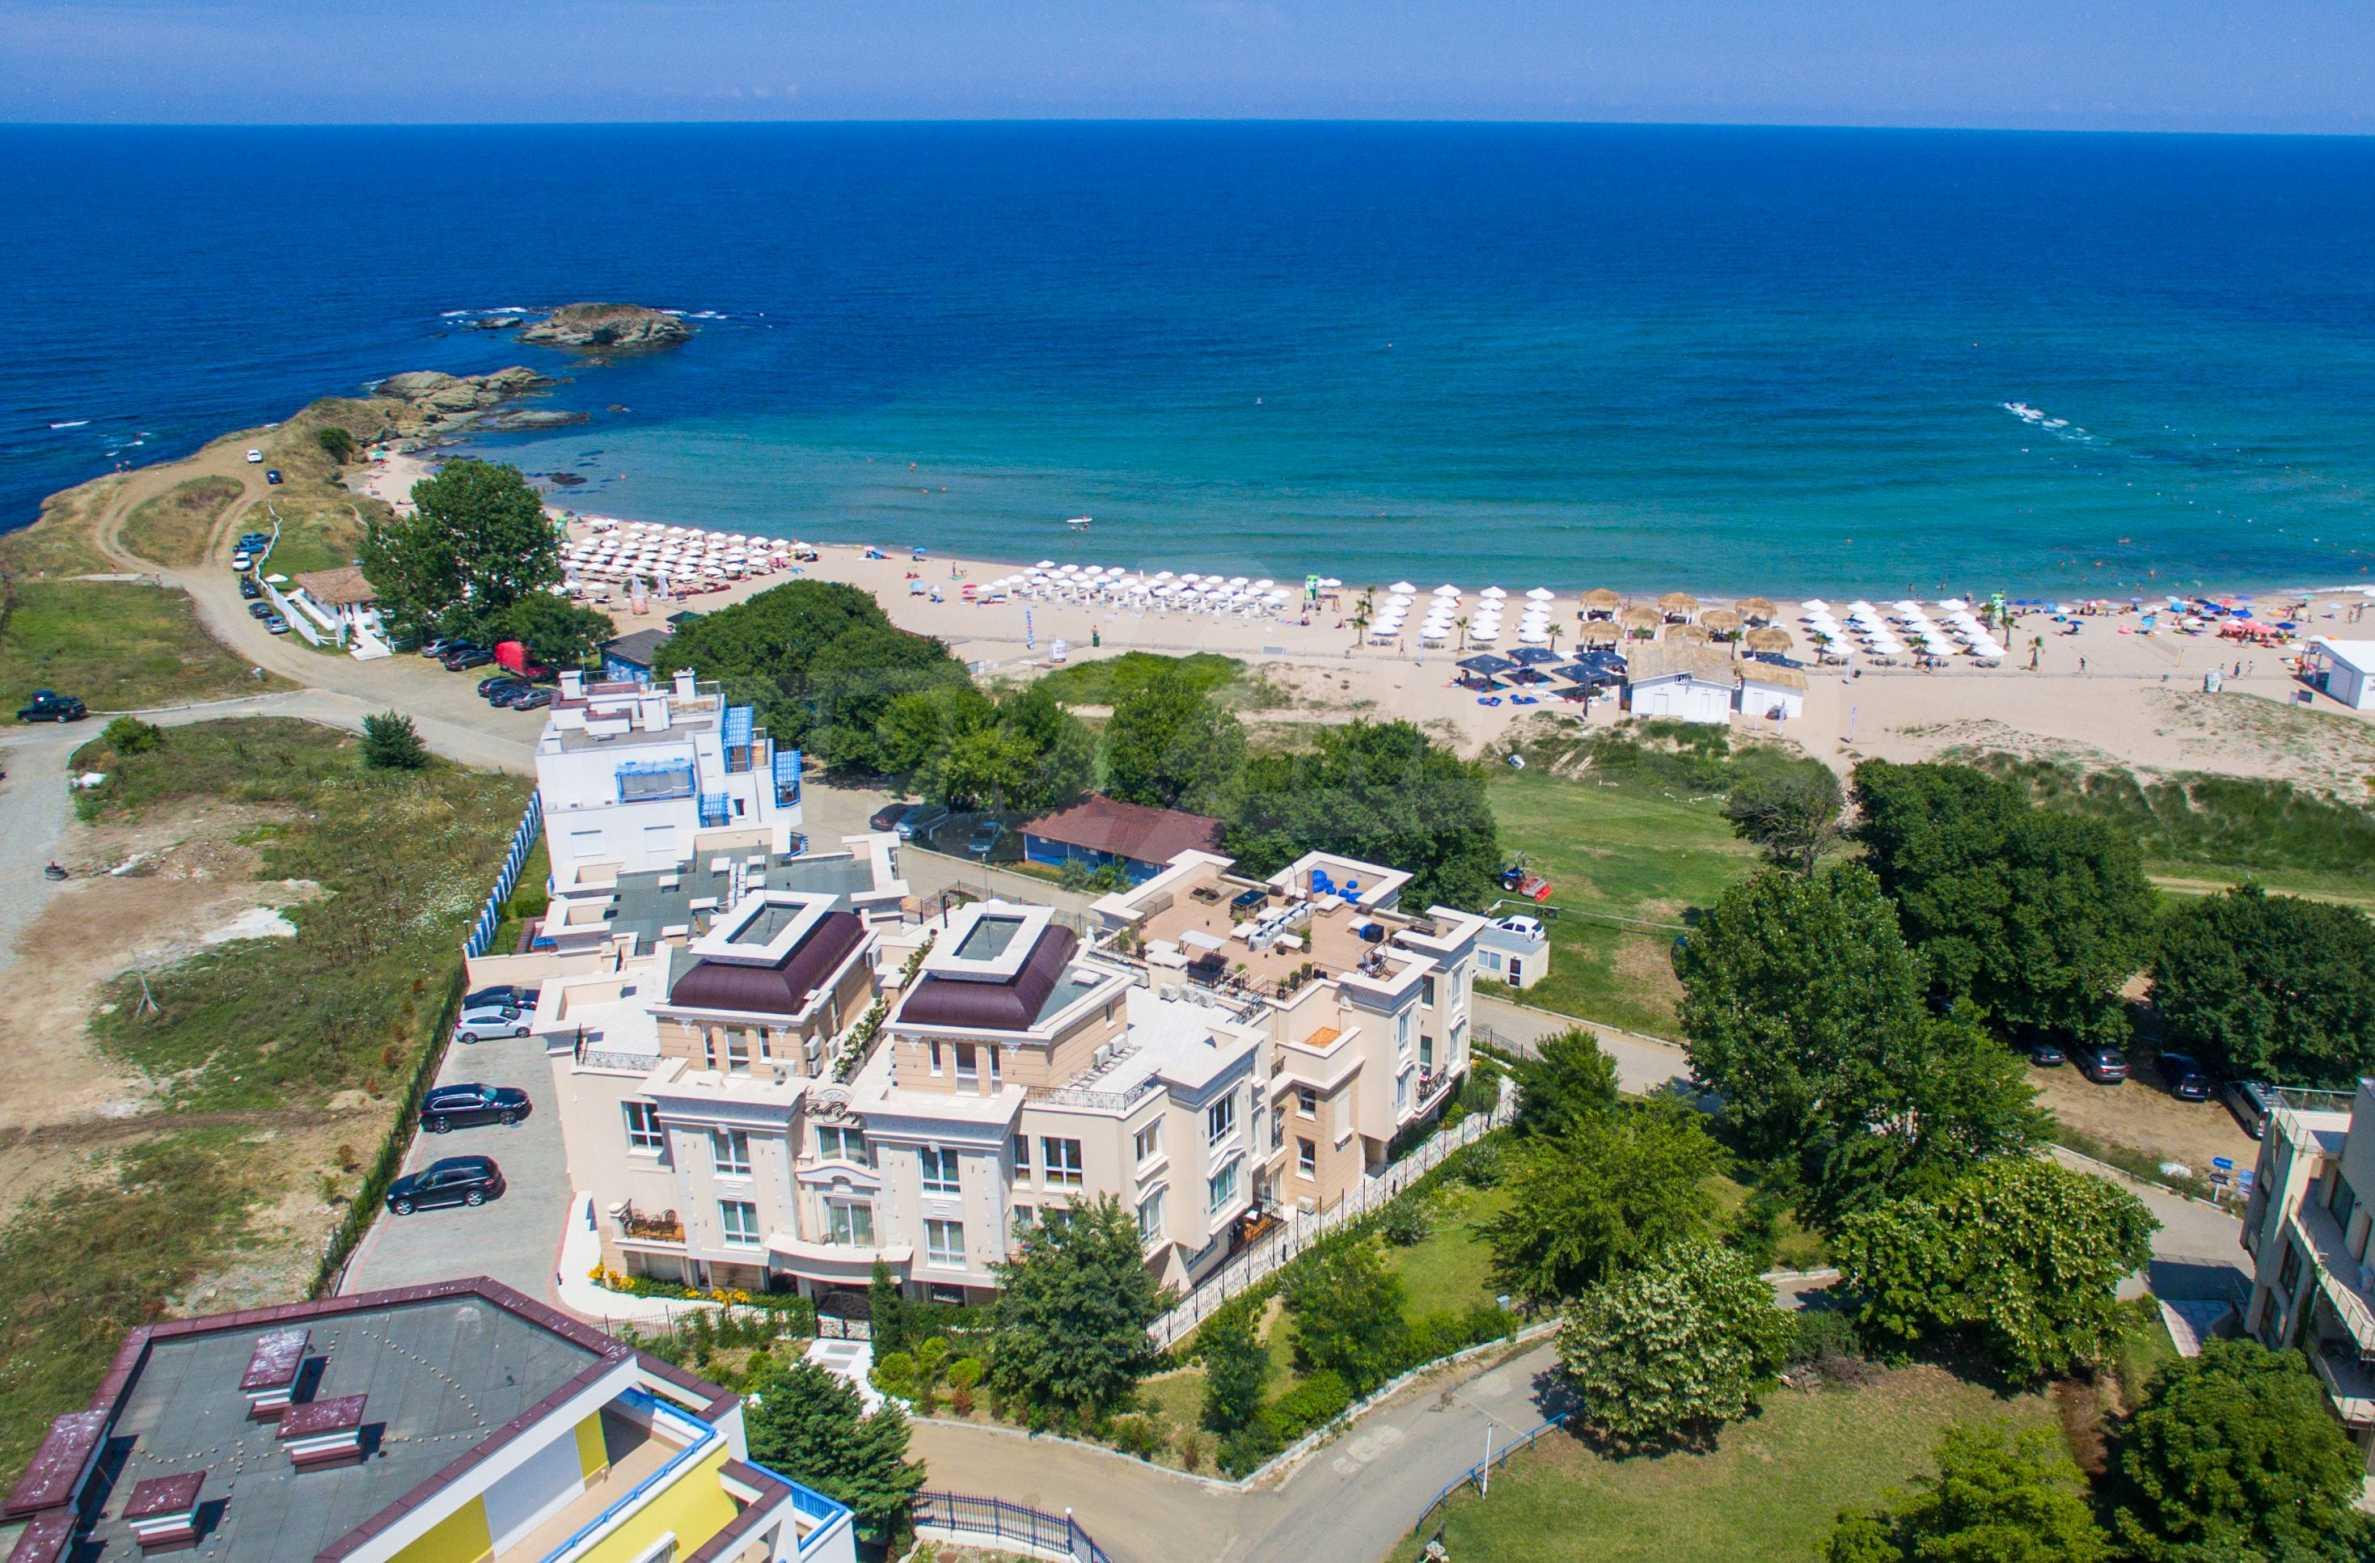 Двустаен апартамент в бутиковата резиденция до Централен плаж - Belle Époque (ап. №A 305) 32